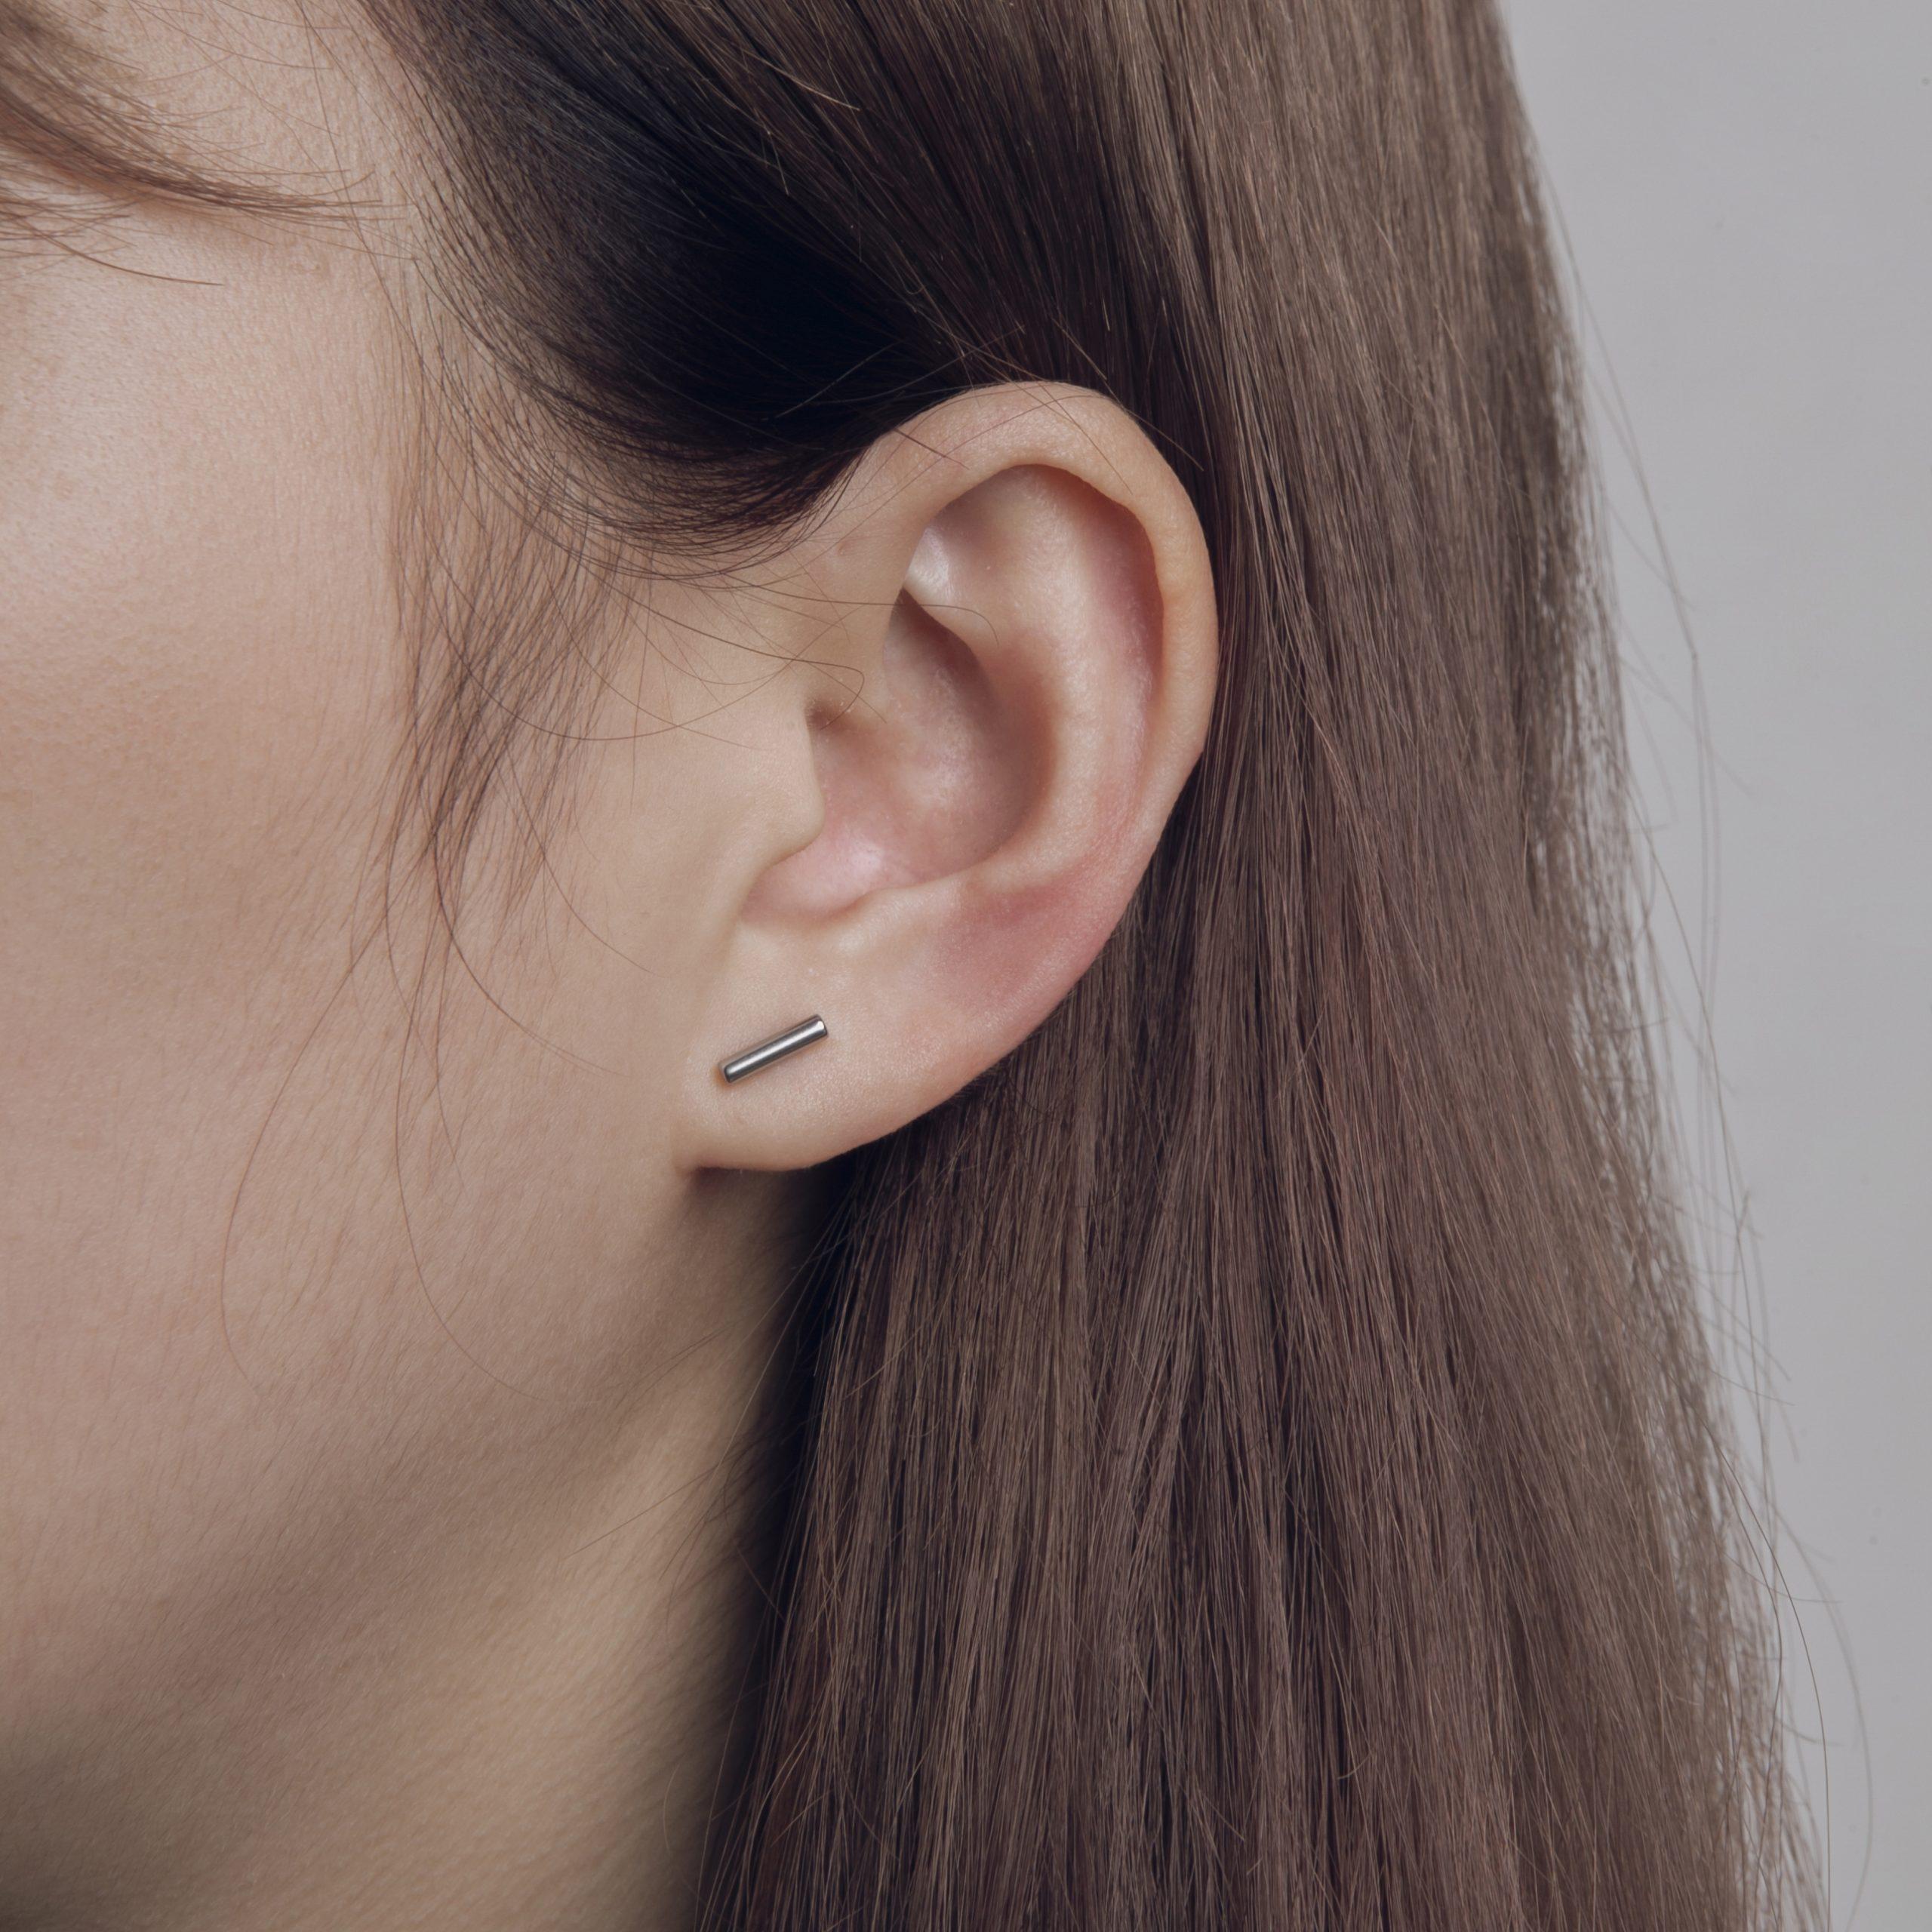 Lobe Piercing (vị trí xỏ khuyên cơ bản)